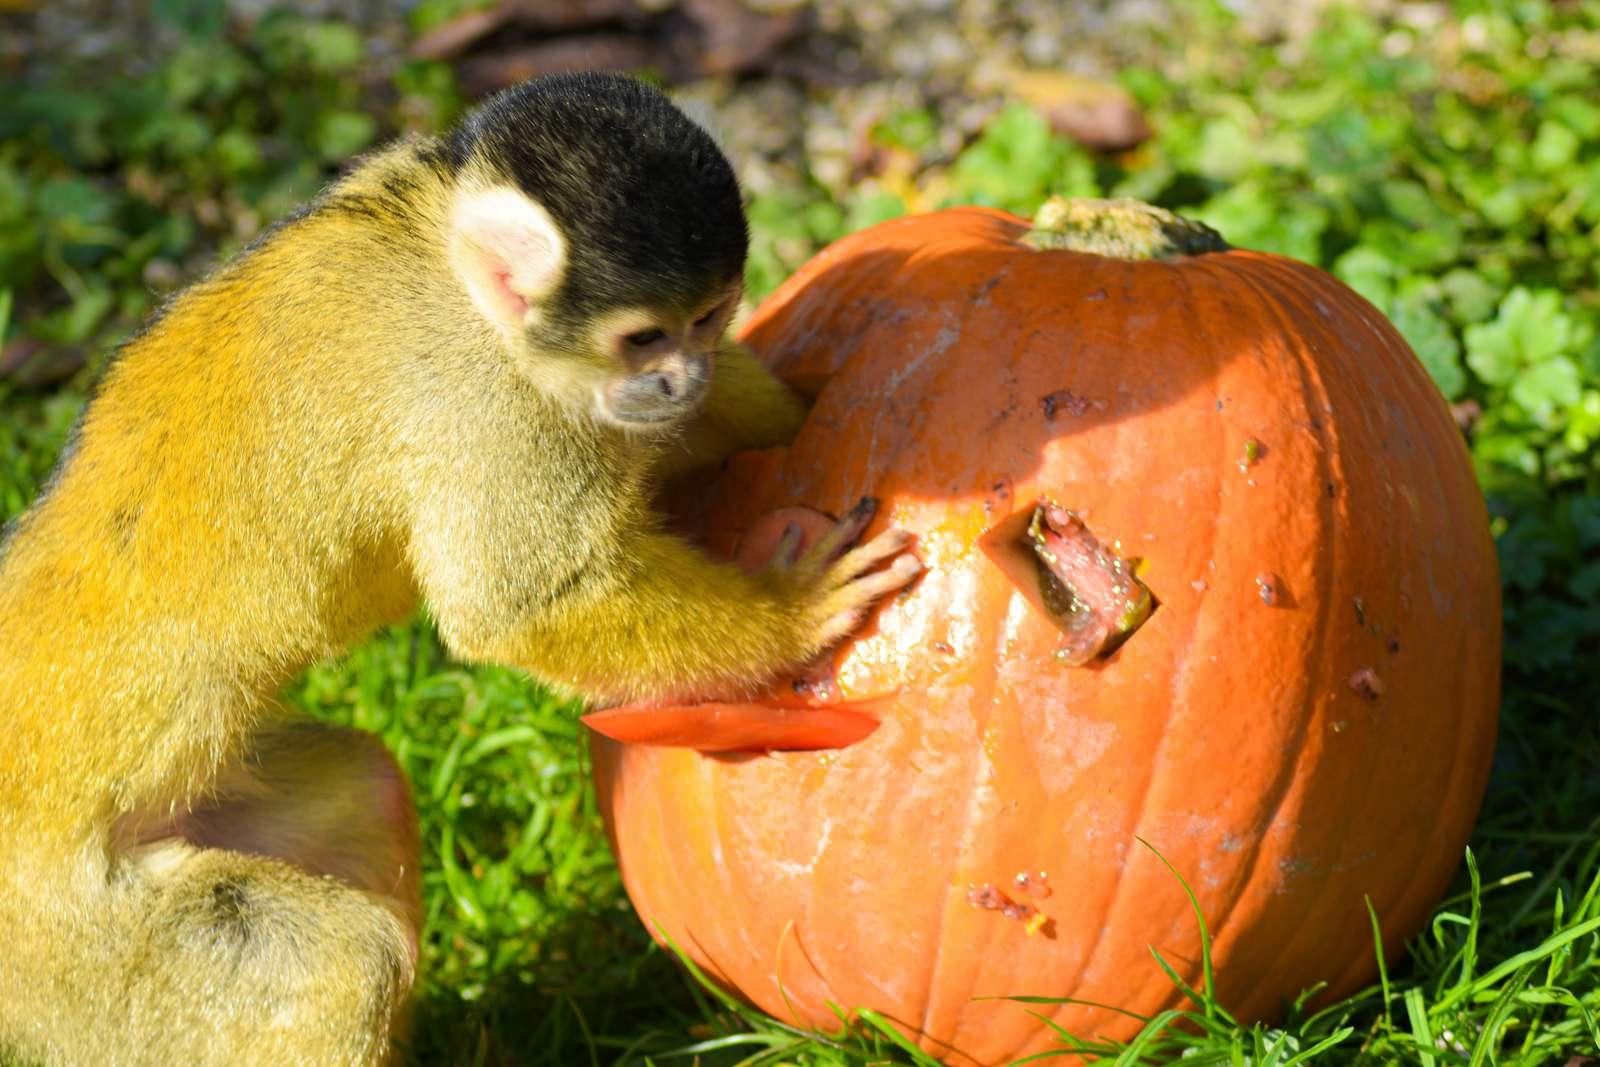 Tierpfleger Co-Produktion: Beschäftigung und Dokumentation  - Fotos: C. Kerber - Der goldene Herbst kehrt bei den Totenkopfaffen ein